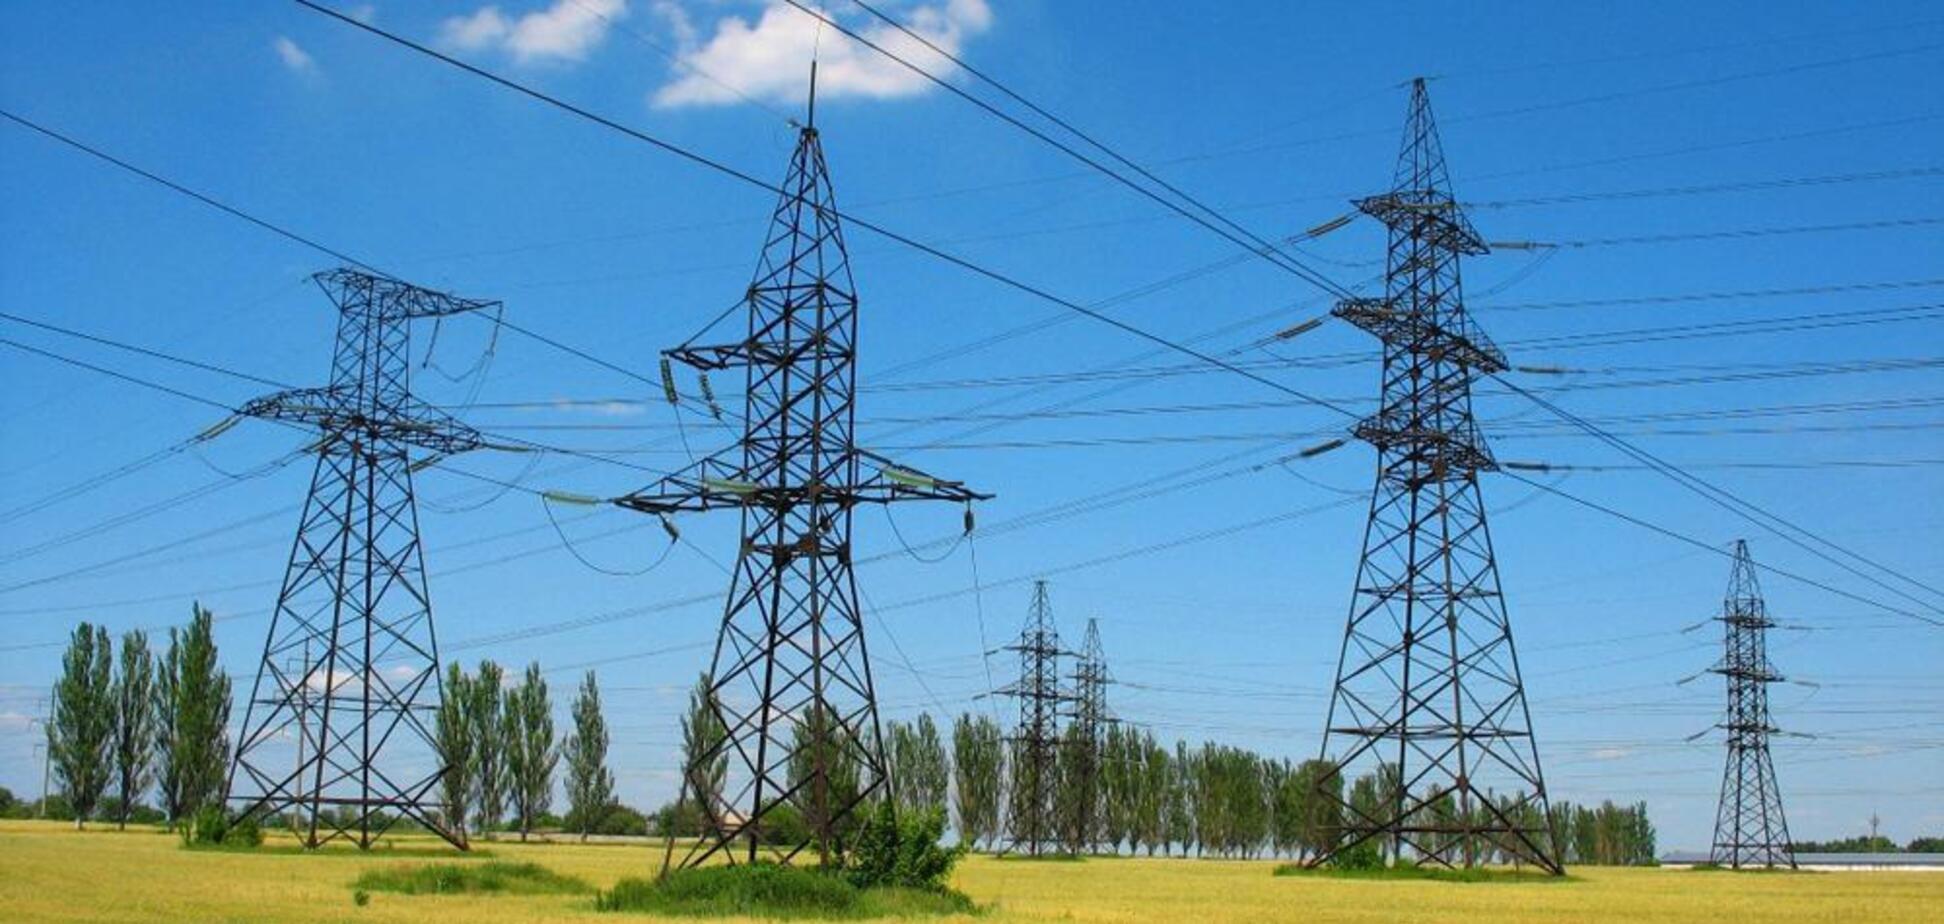 Украине помогут с энергетикой: в США сделали важное заявление